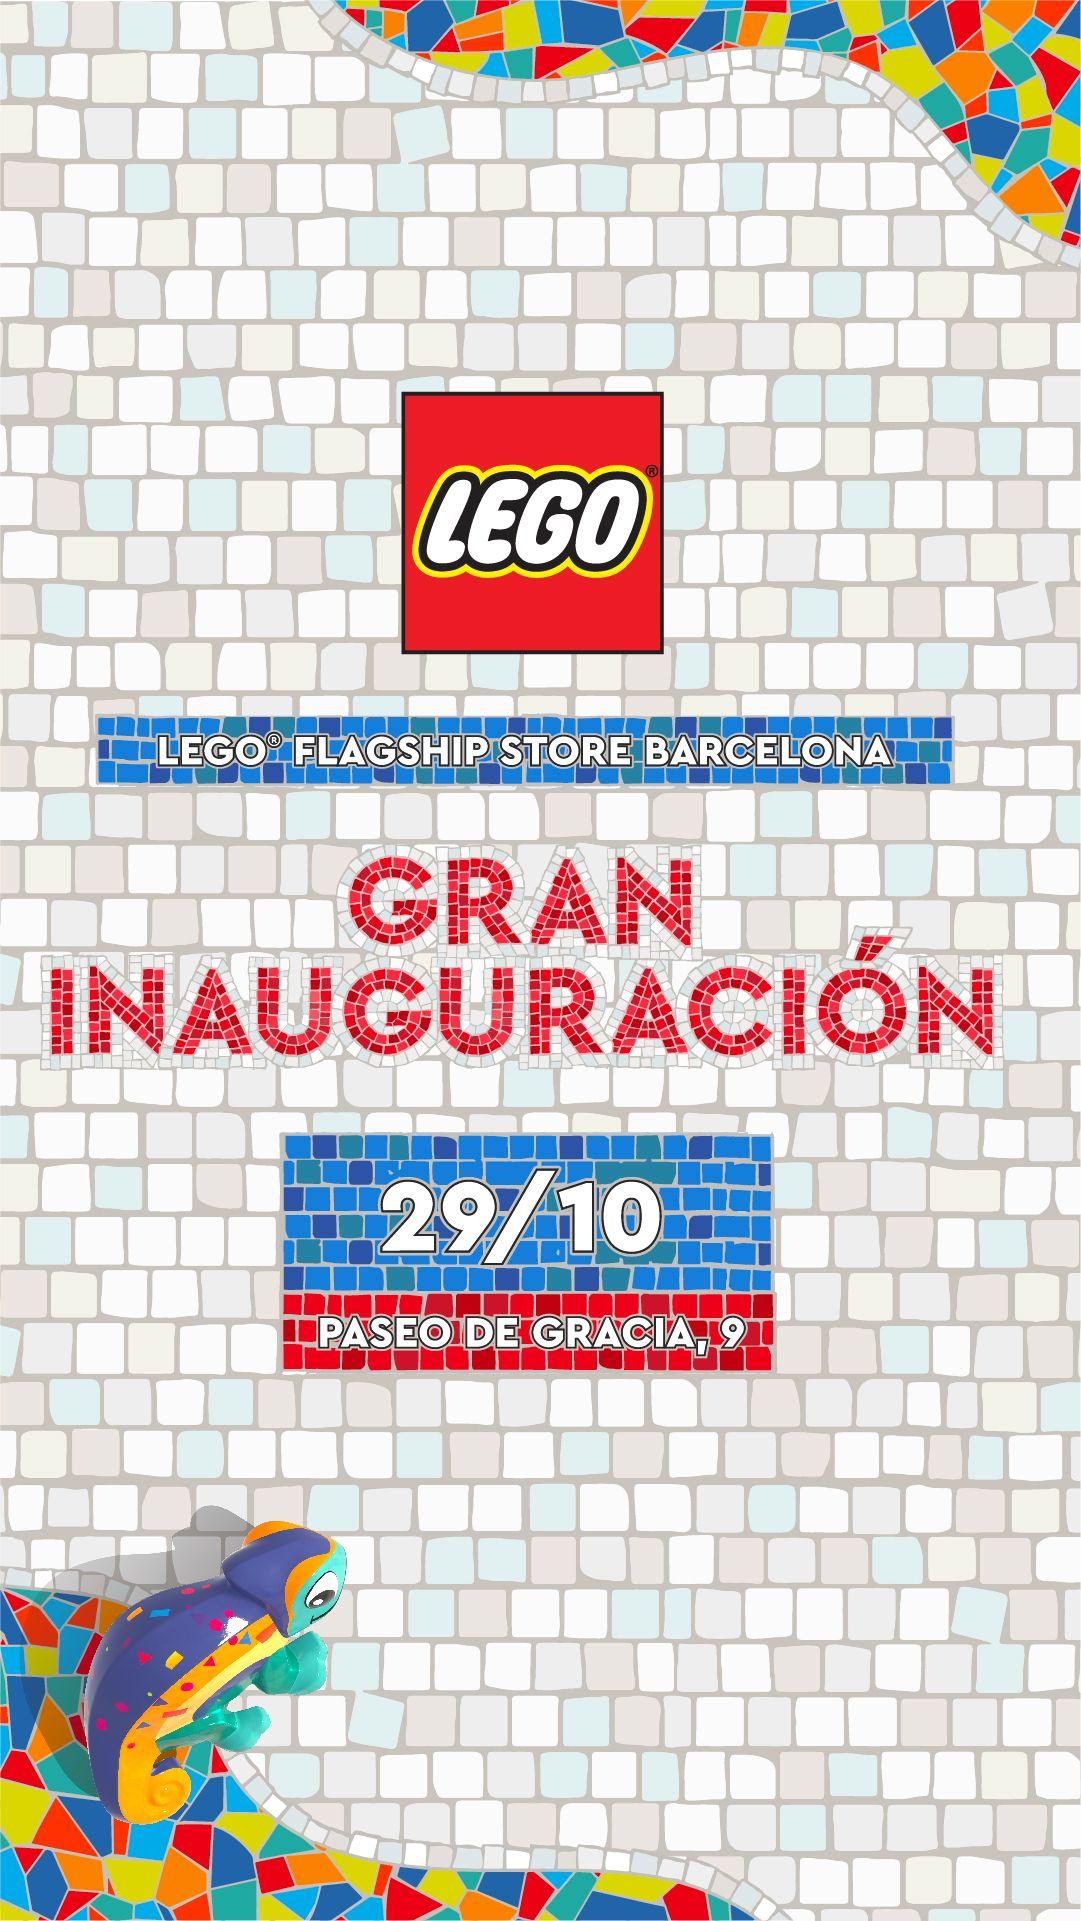 La Flagship Store del Grupo LEGO en España abrirá sus puertas en Barcelona el próximo viernes 29 de octubre